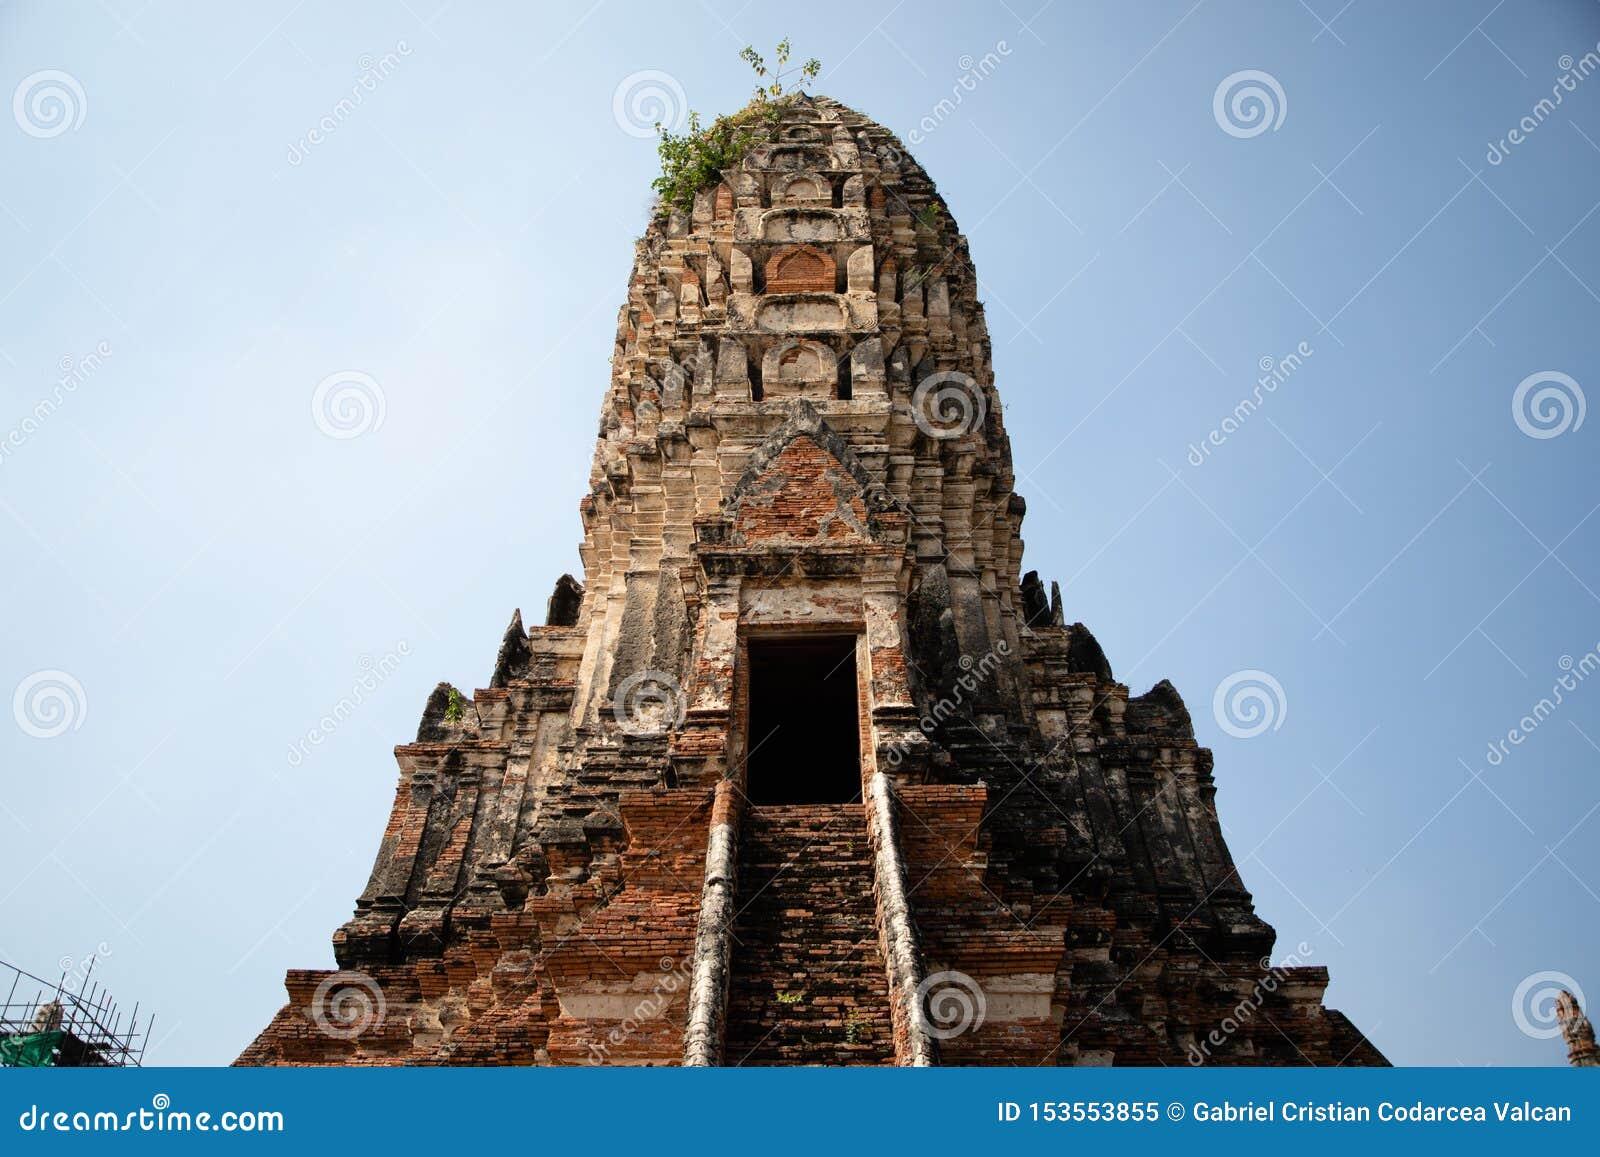 Vista da una pagoda delle rovine del tempio di Ayutthaya in Tailandia con cielo blu nei precedenti